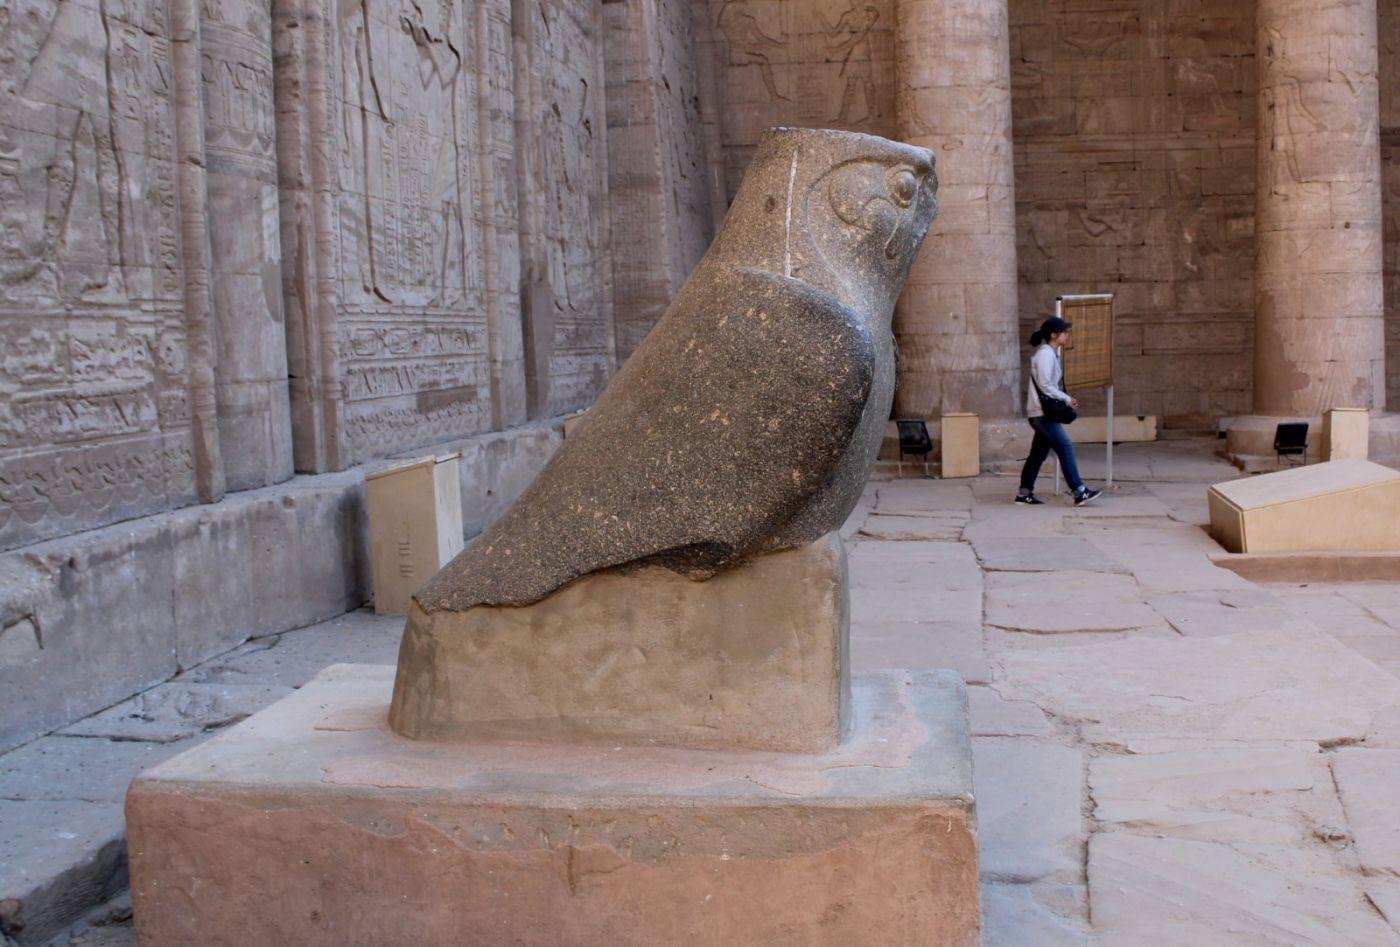 埃德富神庙和卢克索神庙_图1-13